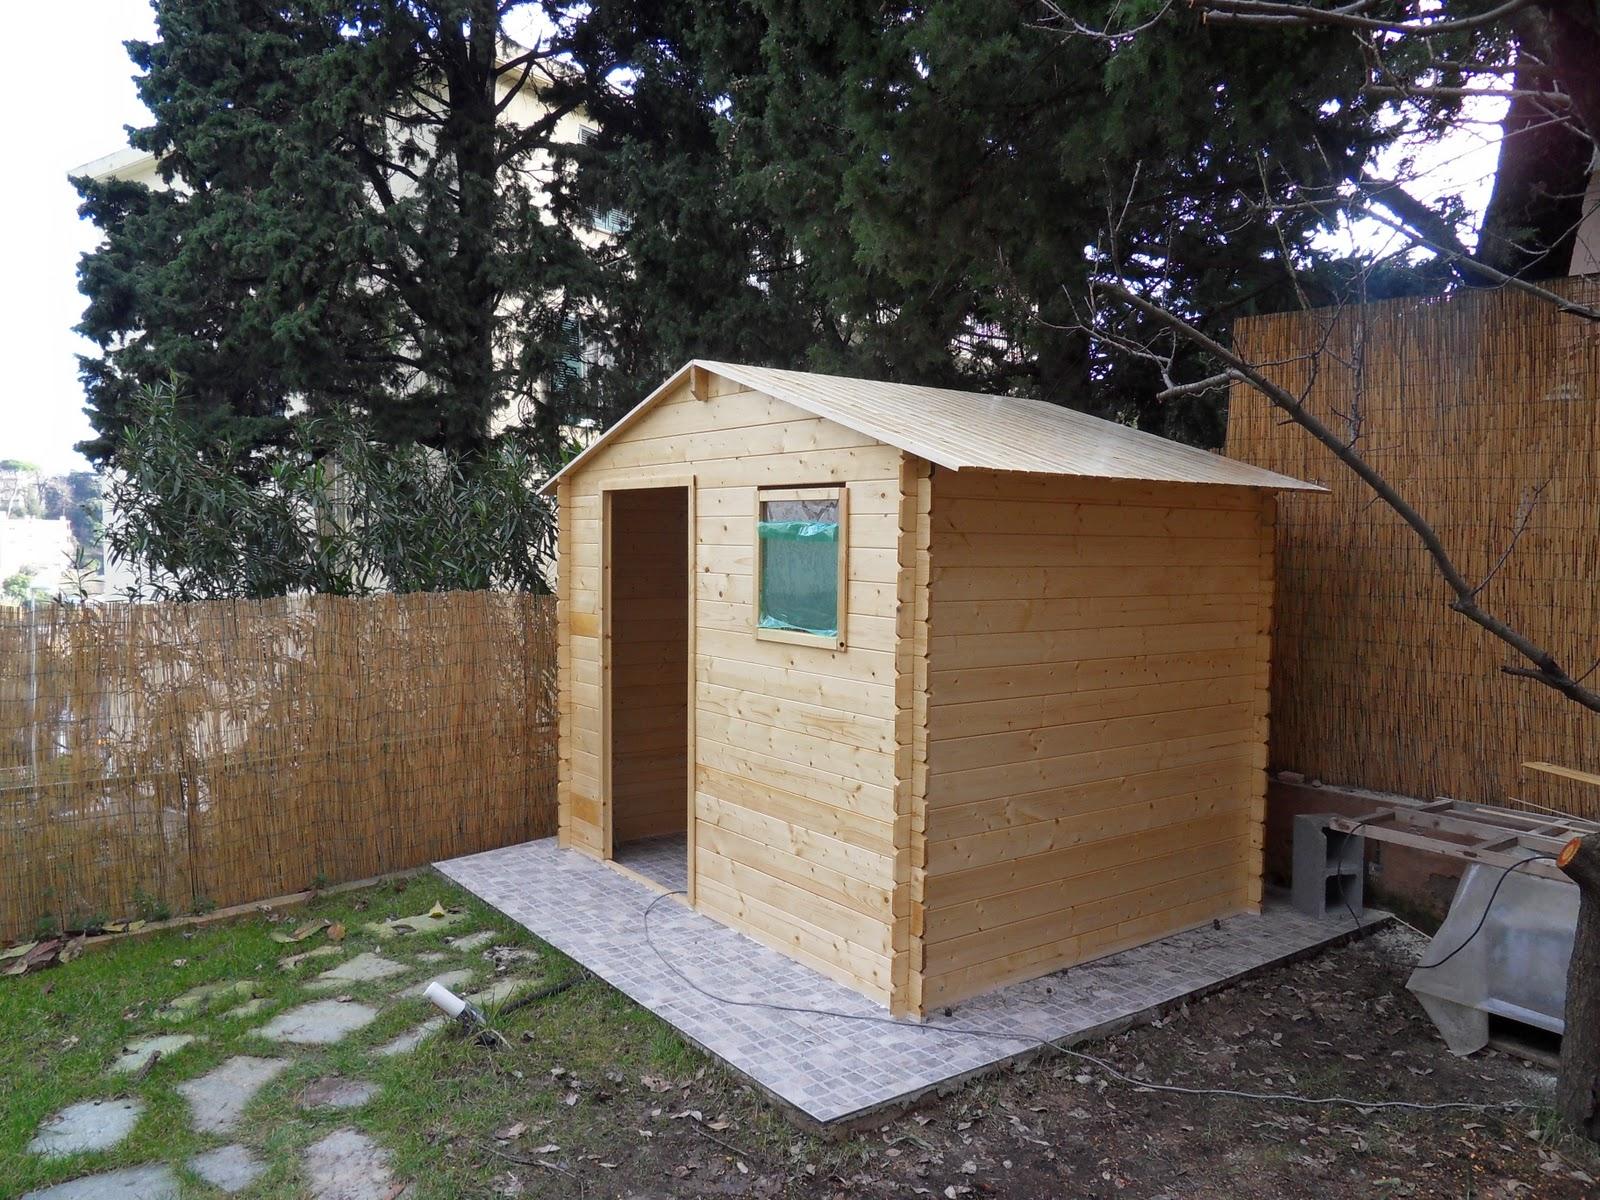 Il tuo architetto a genova casette di legno arredano il - Casette in legno per giardino ...